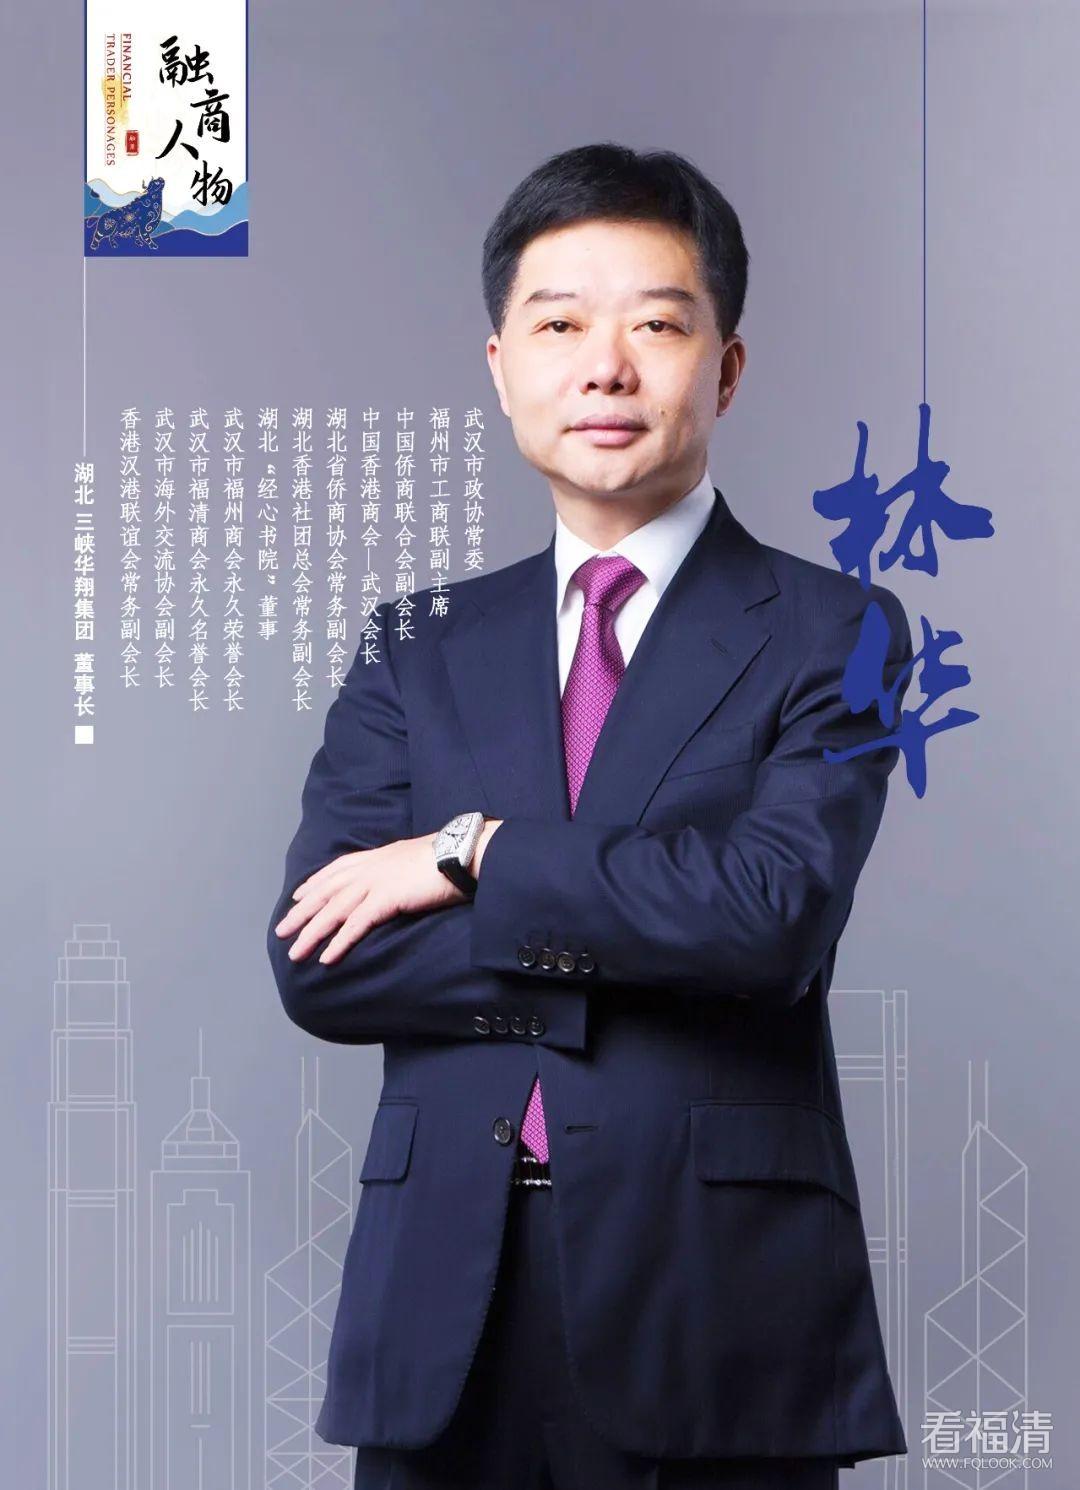 林华:一颗丹心报中华